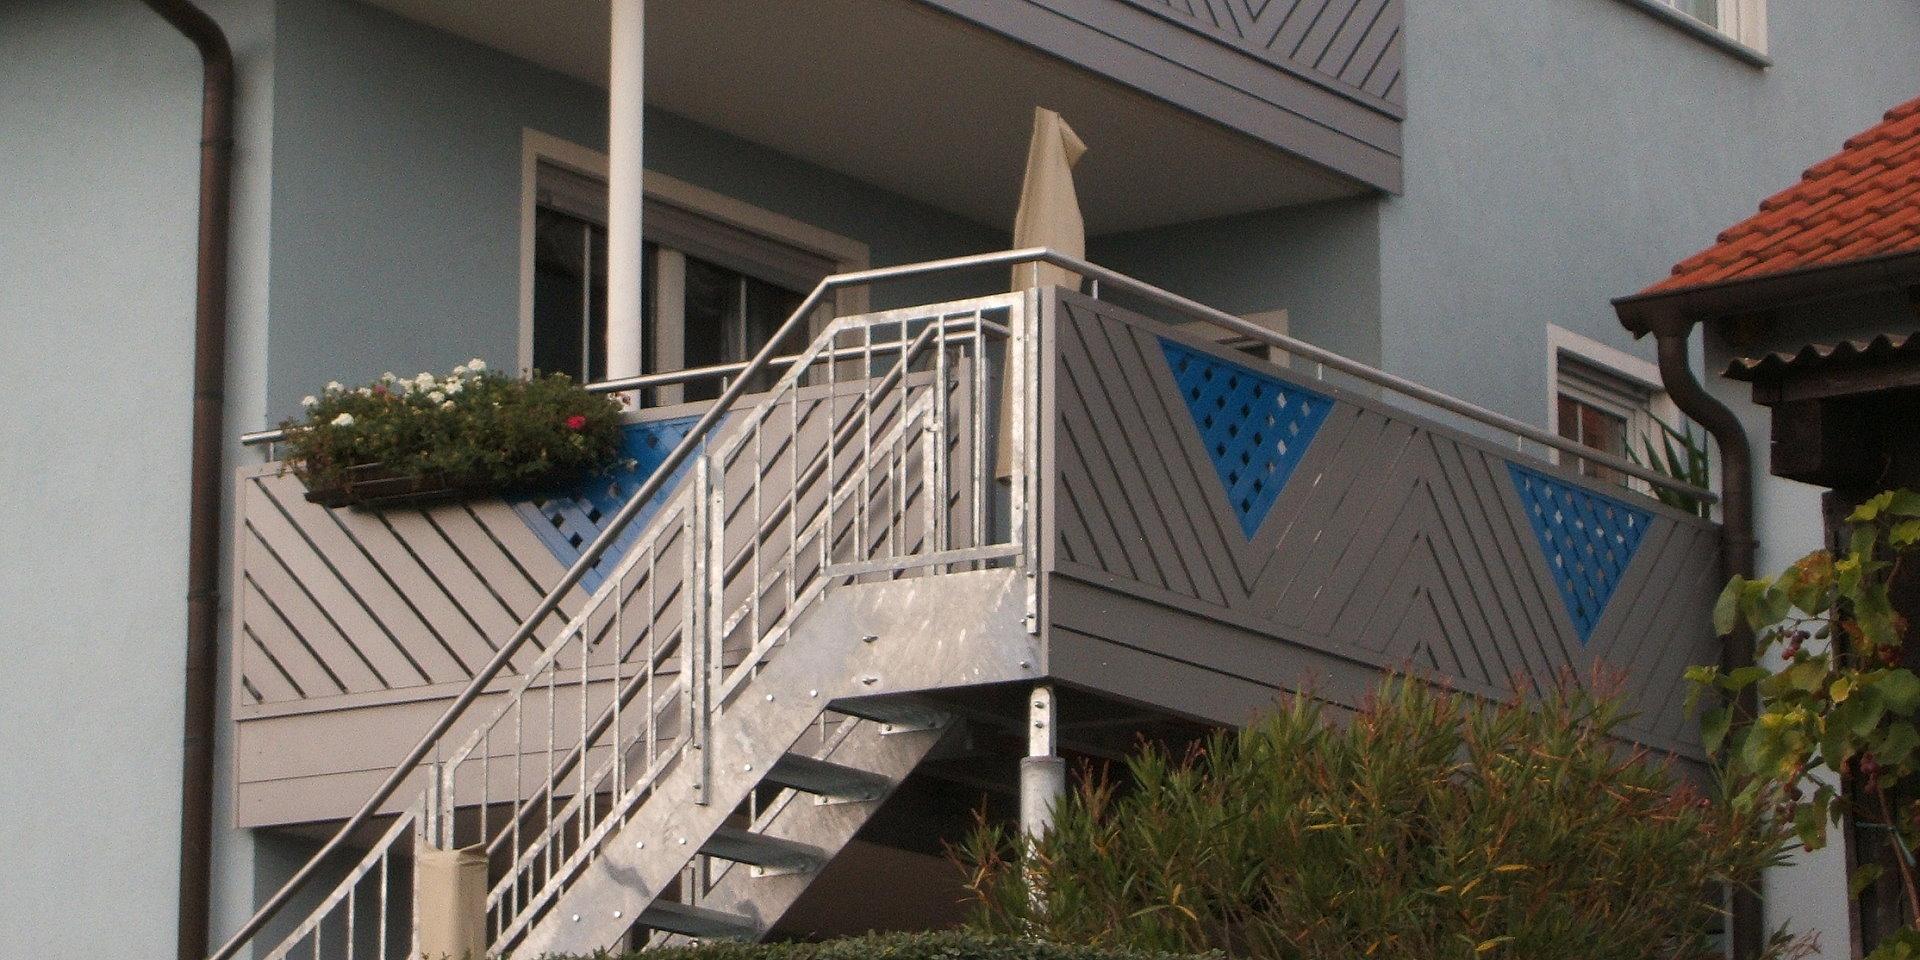 Balkonbau Und Balkongeländer Auburger - Stahl-Aussentreppen